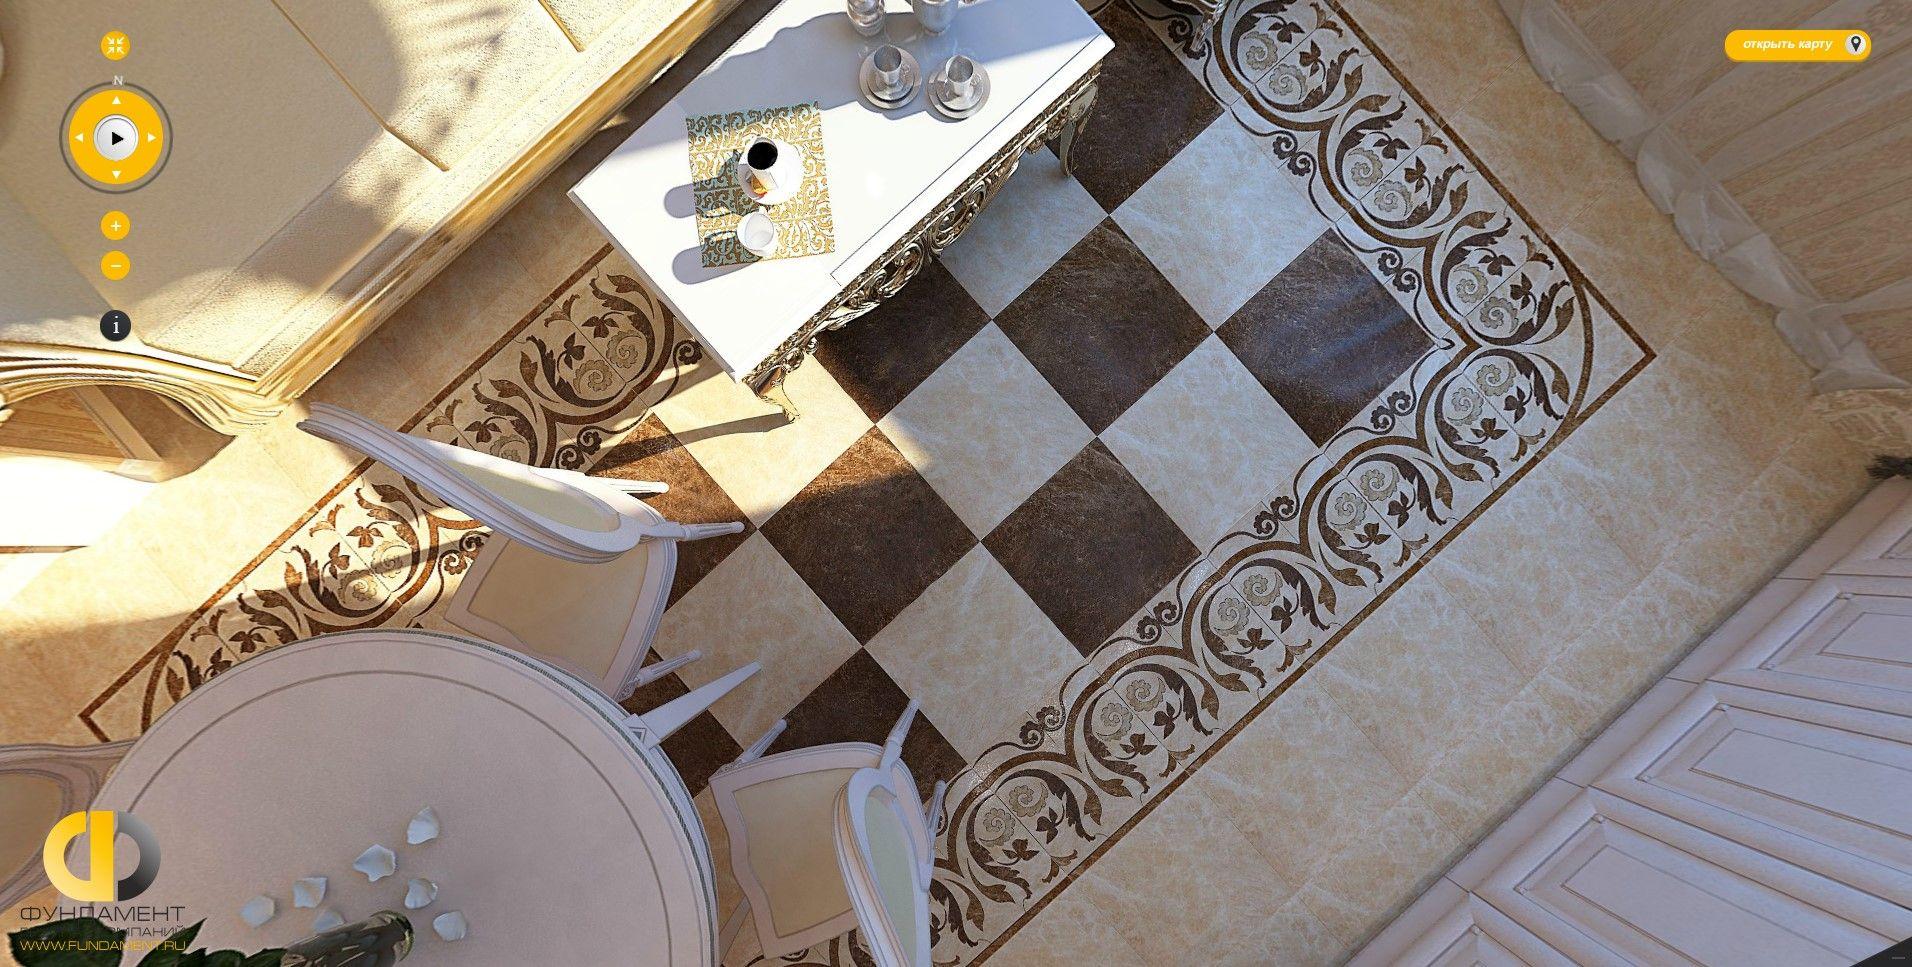 Дизайн пола на кухне и в комнатах квартиры. 37 фото